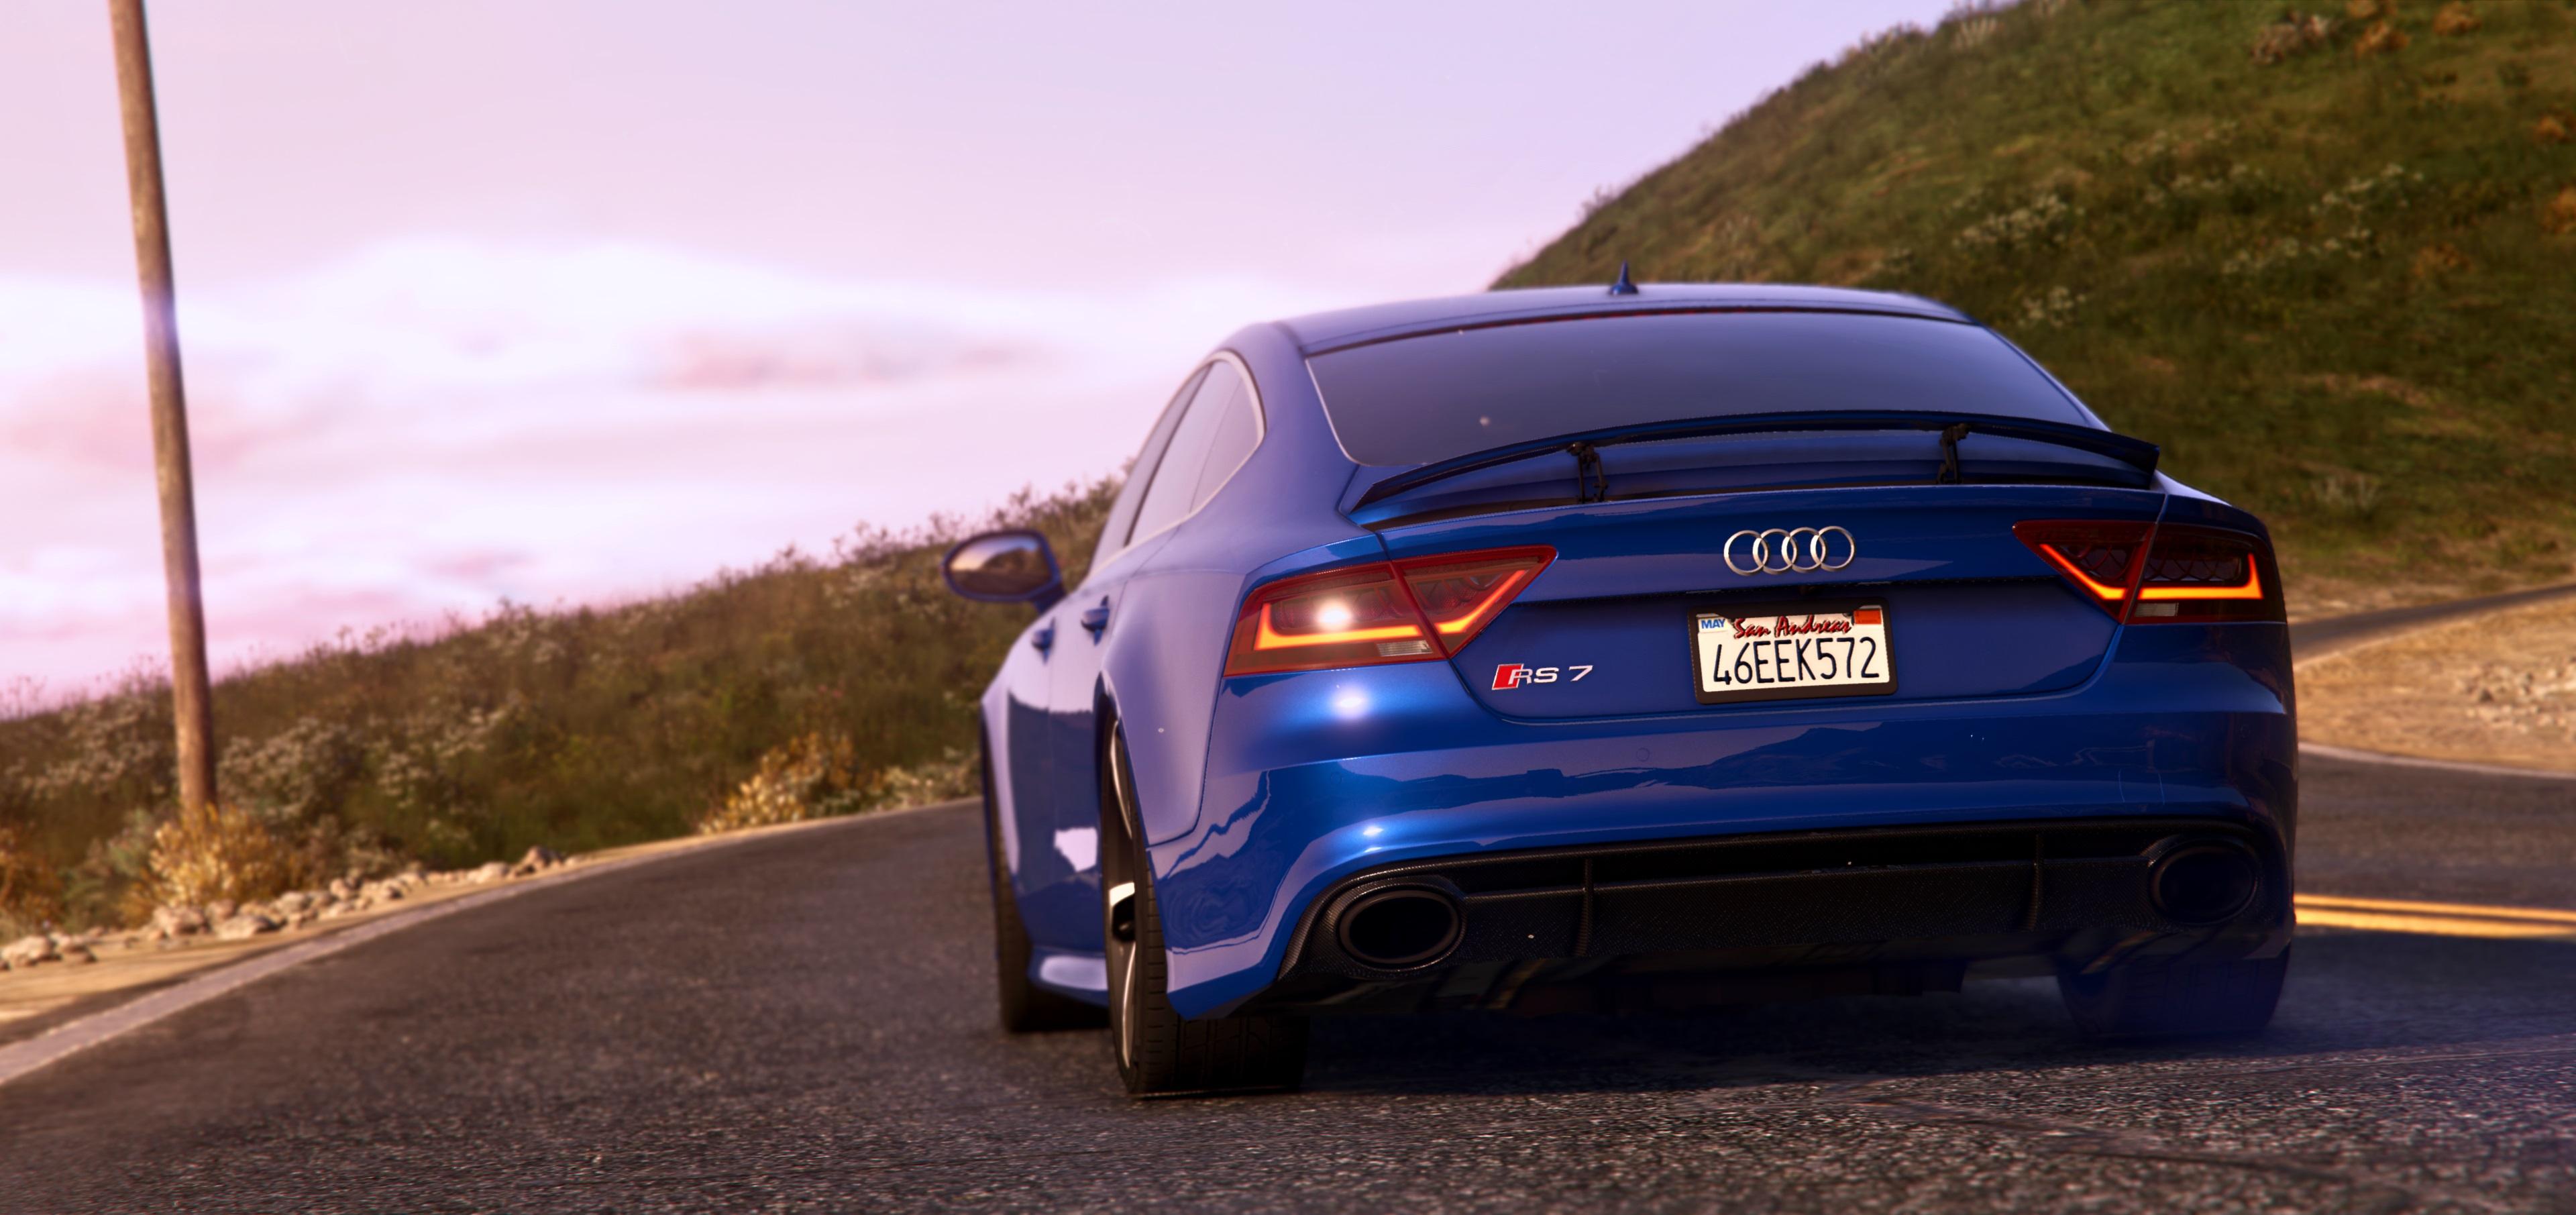 Audi RS GTAModscom - Audi rs7